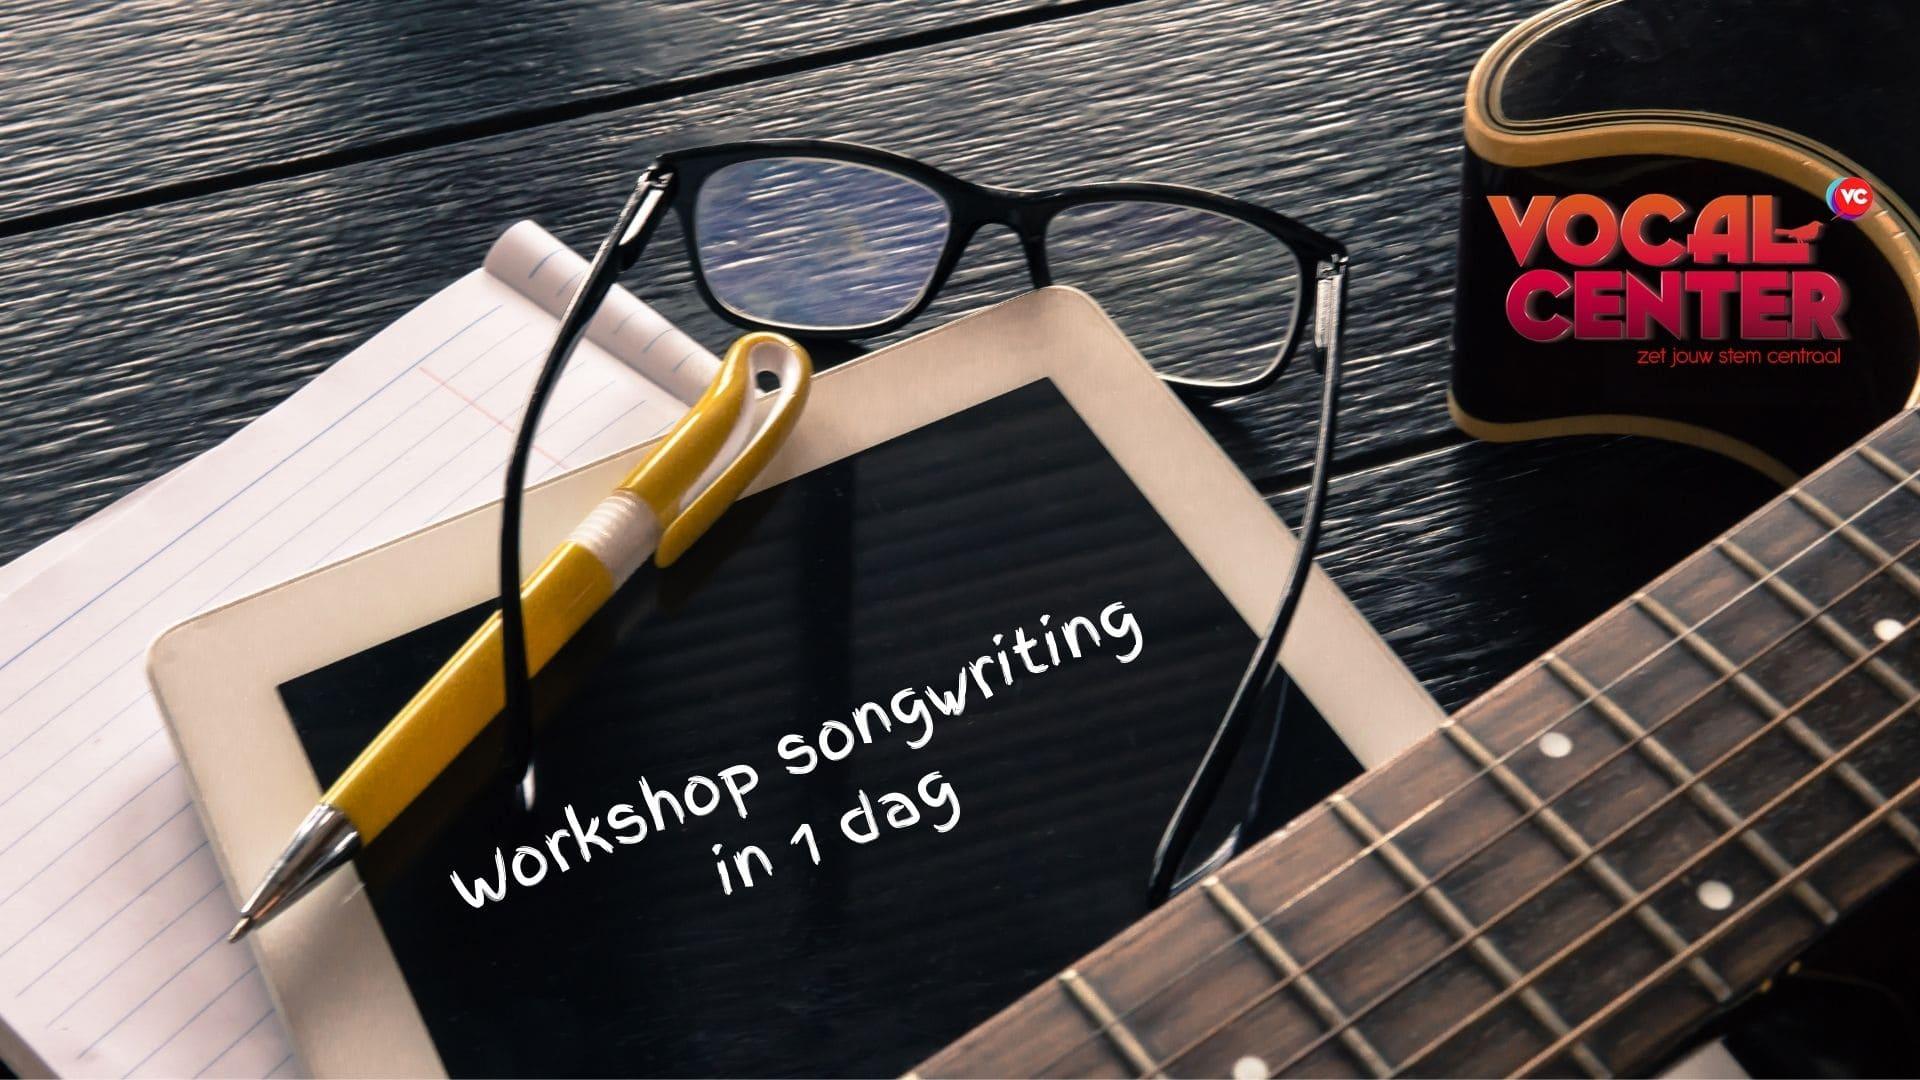 Jouw Song in 1 dag